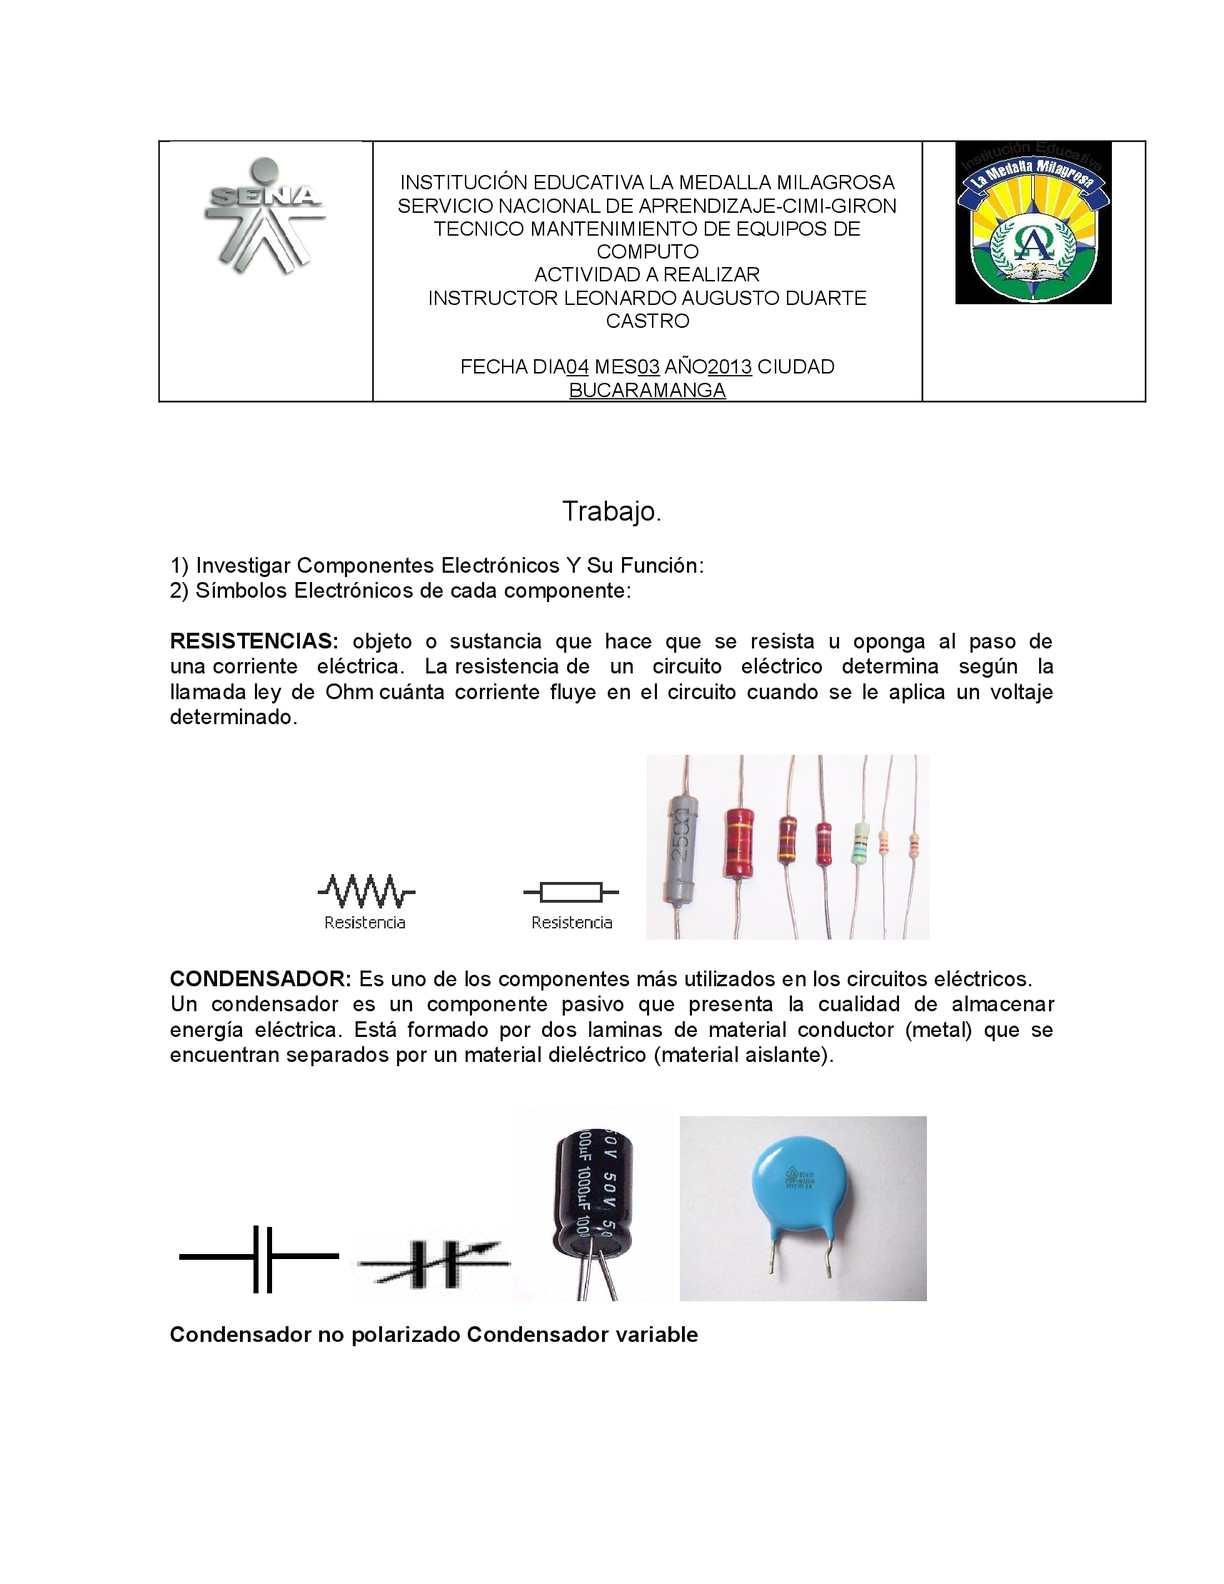 Circuito De Electronica : Ced u departamento de tecnología electrónica